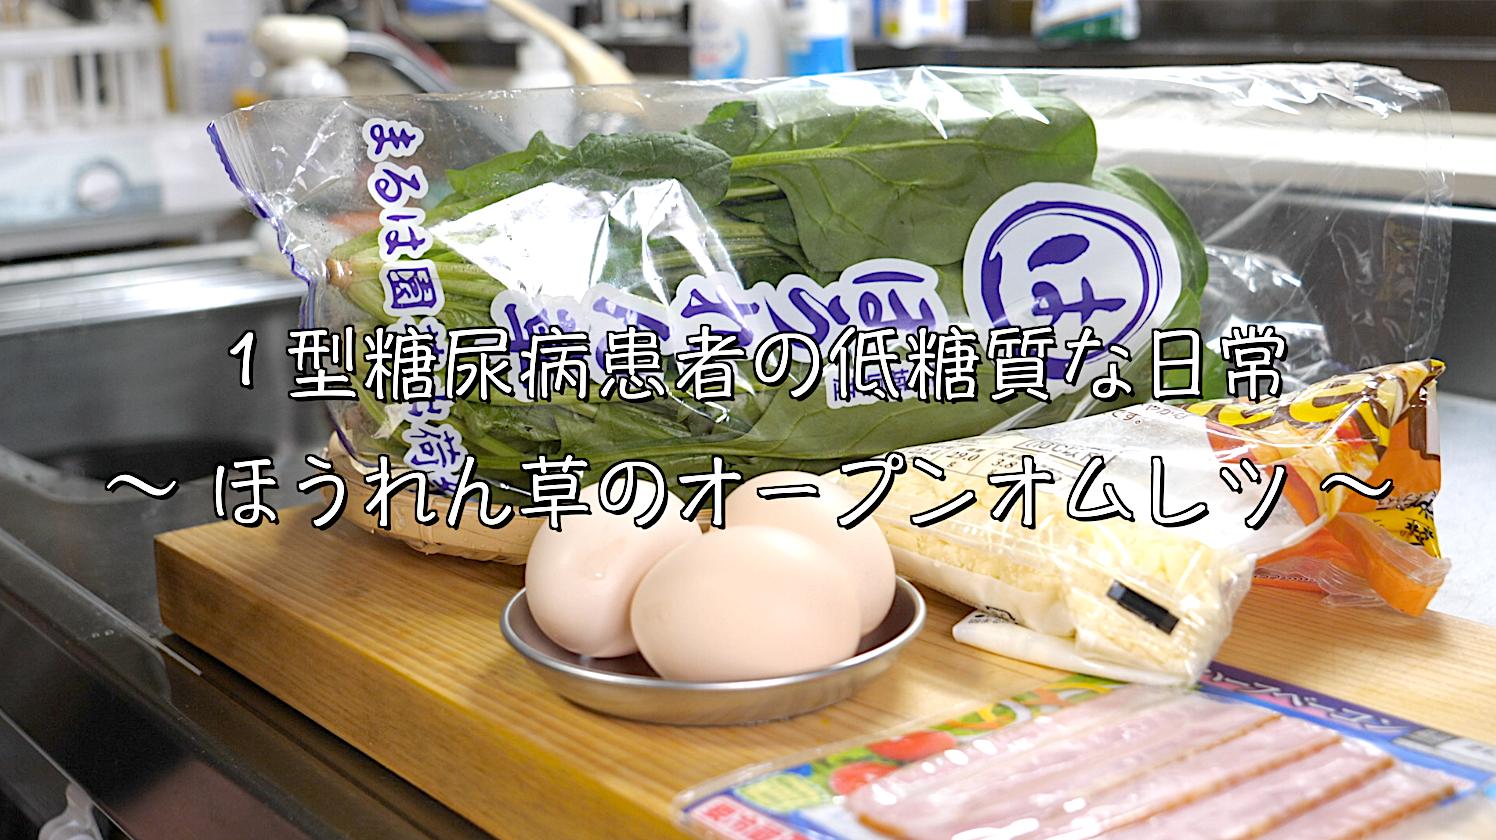 ほうれん草 オムレツ レシピ 低糖質